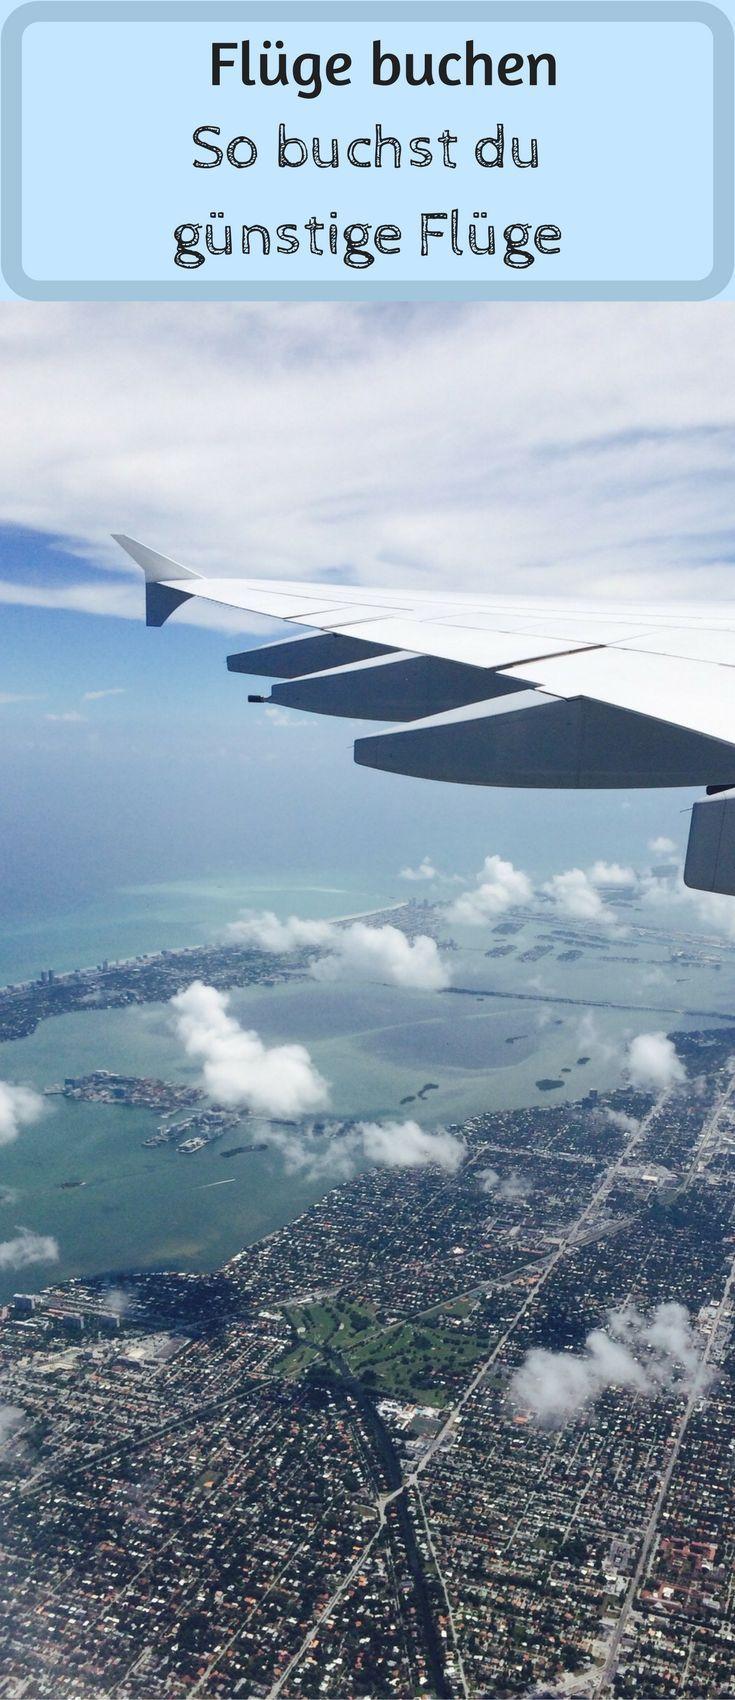 Flüge buchen - So buchst du günstige Flüge. Geht es dir auch so, dass du immer zu viel Geld für deine Flüge ausgibst? Daher habe ich meine Blogger Kollegen gefragt, wie sie bei der Flugbuchung vorgehen, um günstige Preise zu erzielen. Schau dir die Tipps an und viel Spaß bei deiner nächsten Buchung - zum hoffentlich guten Preis. Übrigens: USA-Tipps findest du auf meinem Reiseblog AI SEE THE WORLD